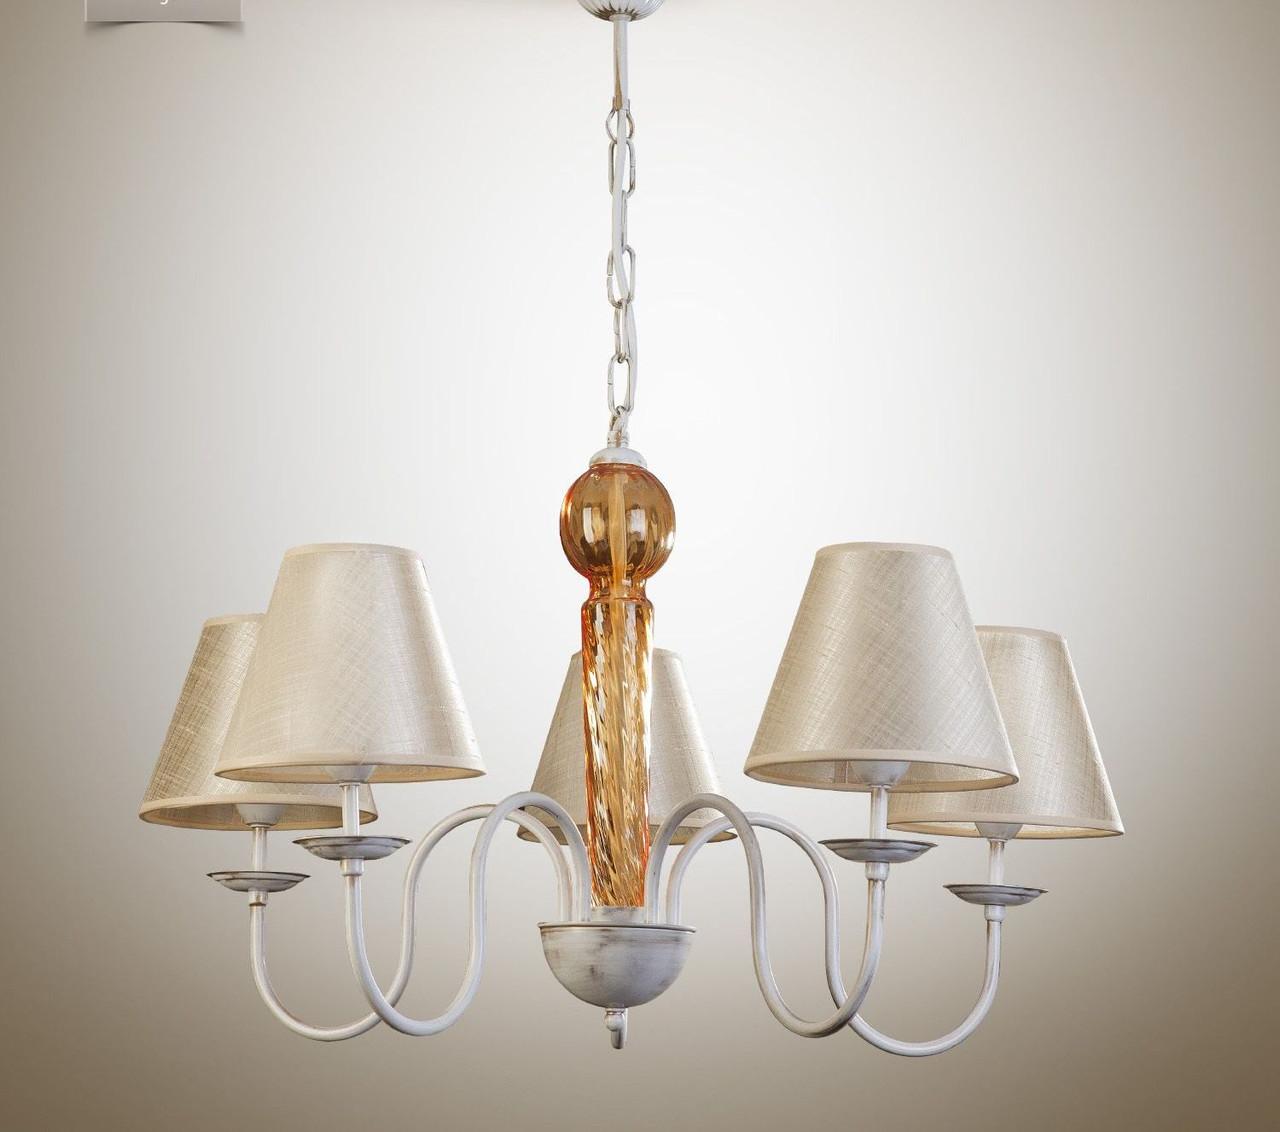 Люстра металева з абажурами для залу, спальні, дитячої 17105-3